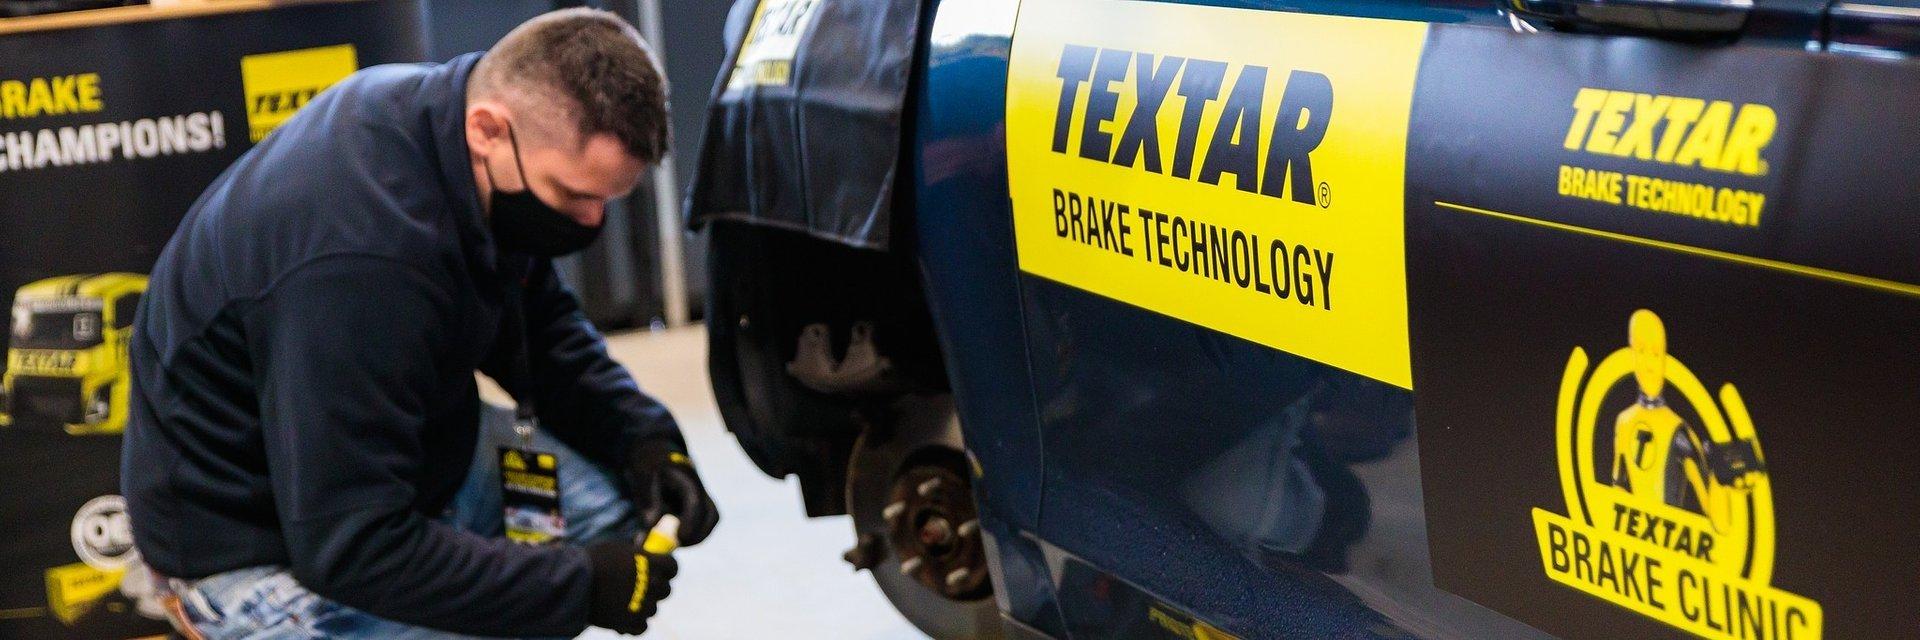 Weź udział w promocji Textar i wygraj zaproszenie na wyjątkowe szkolenie